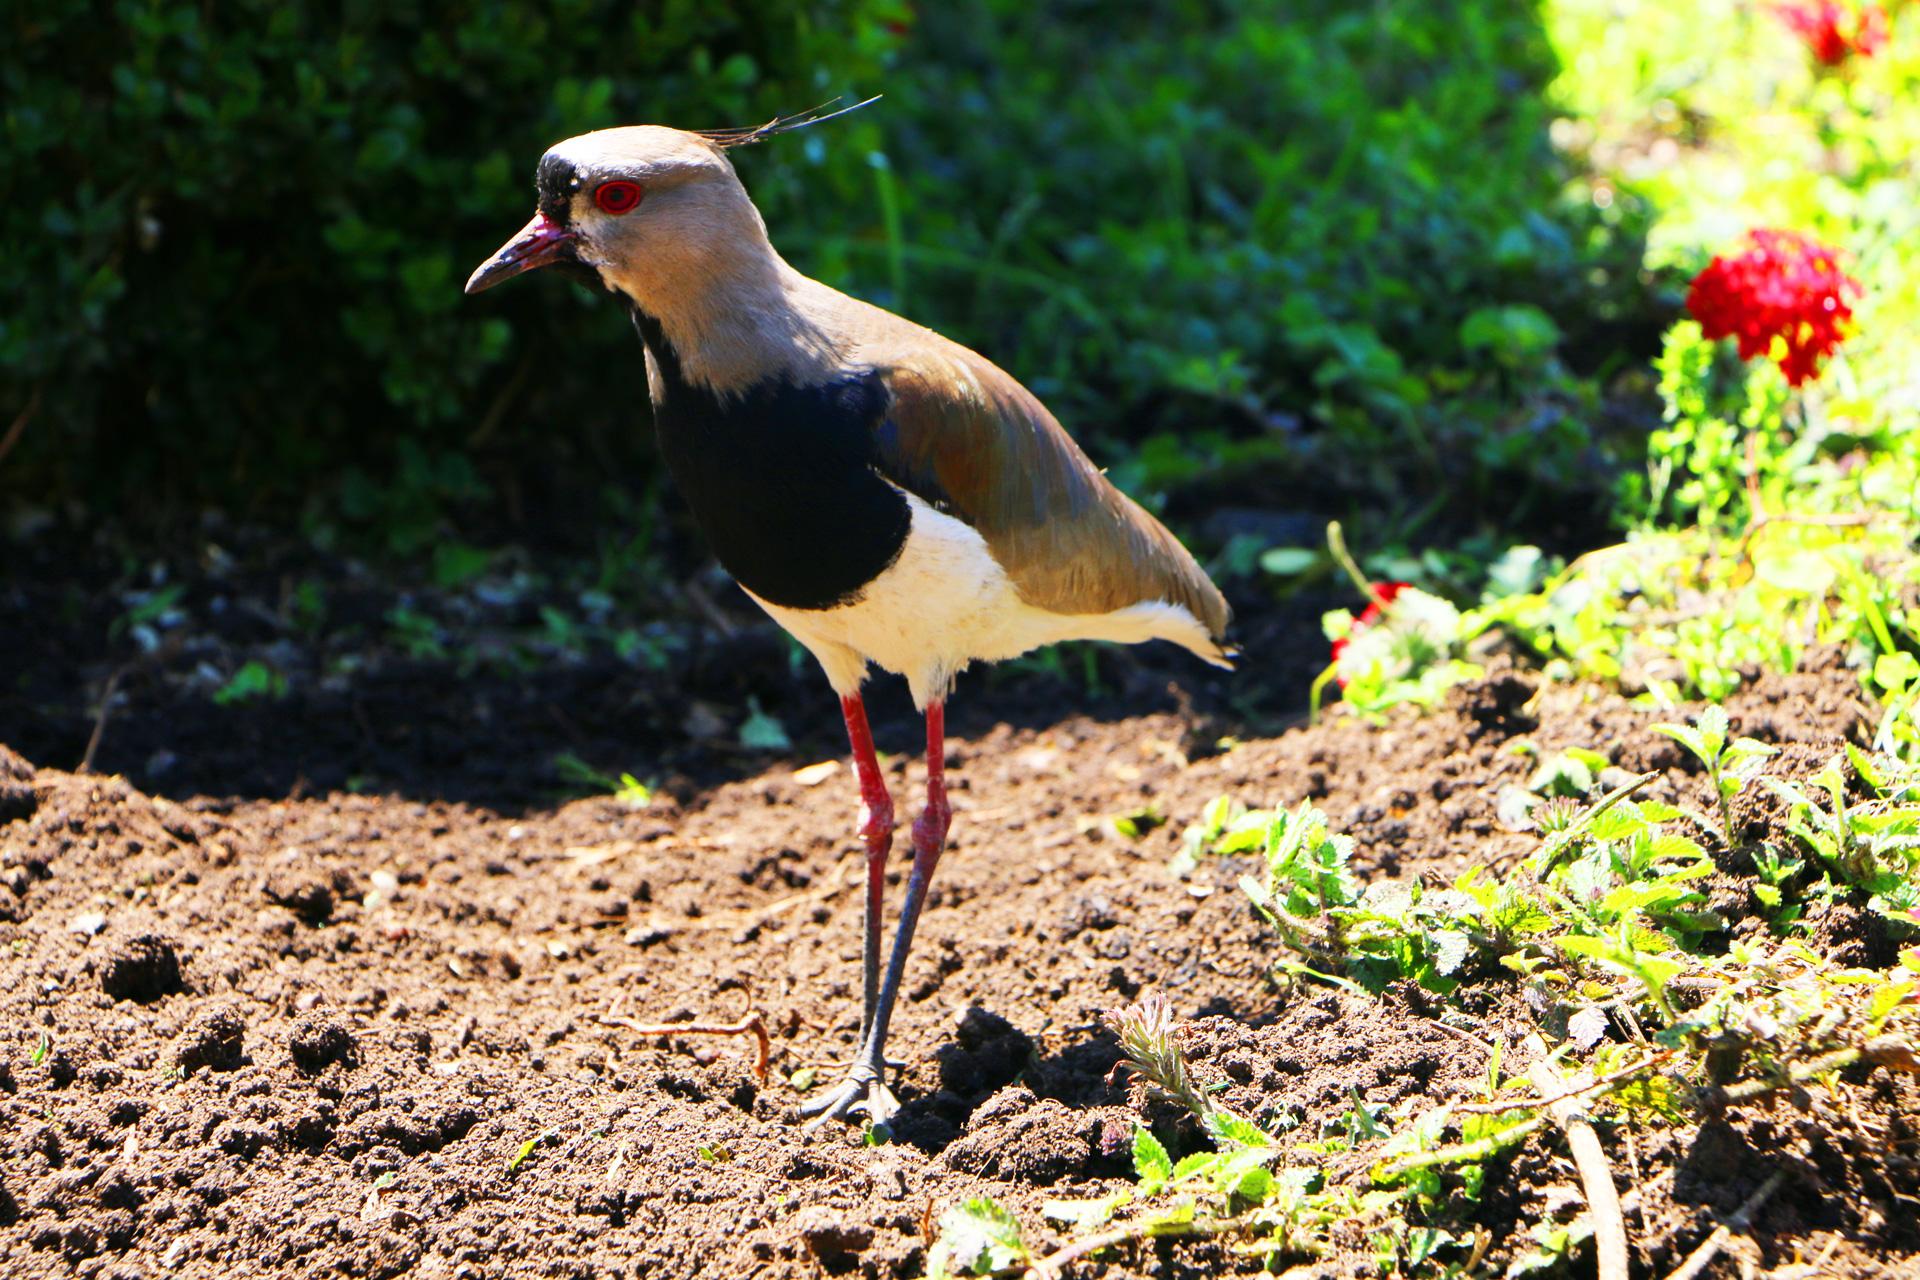 bird-botanical-gardens-curitiba